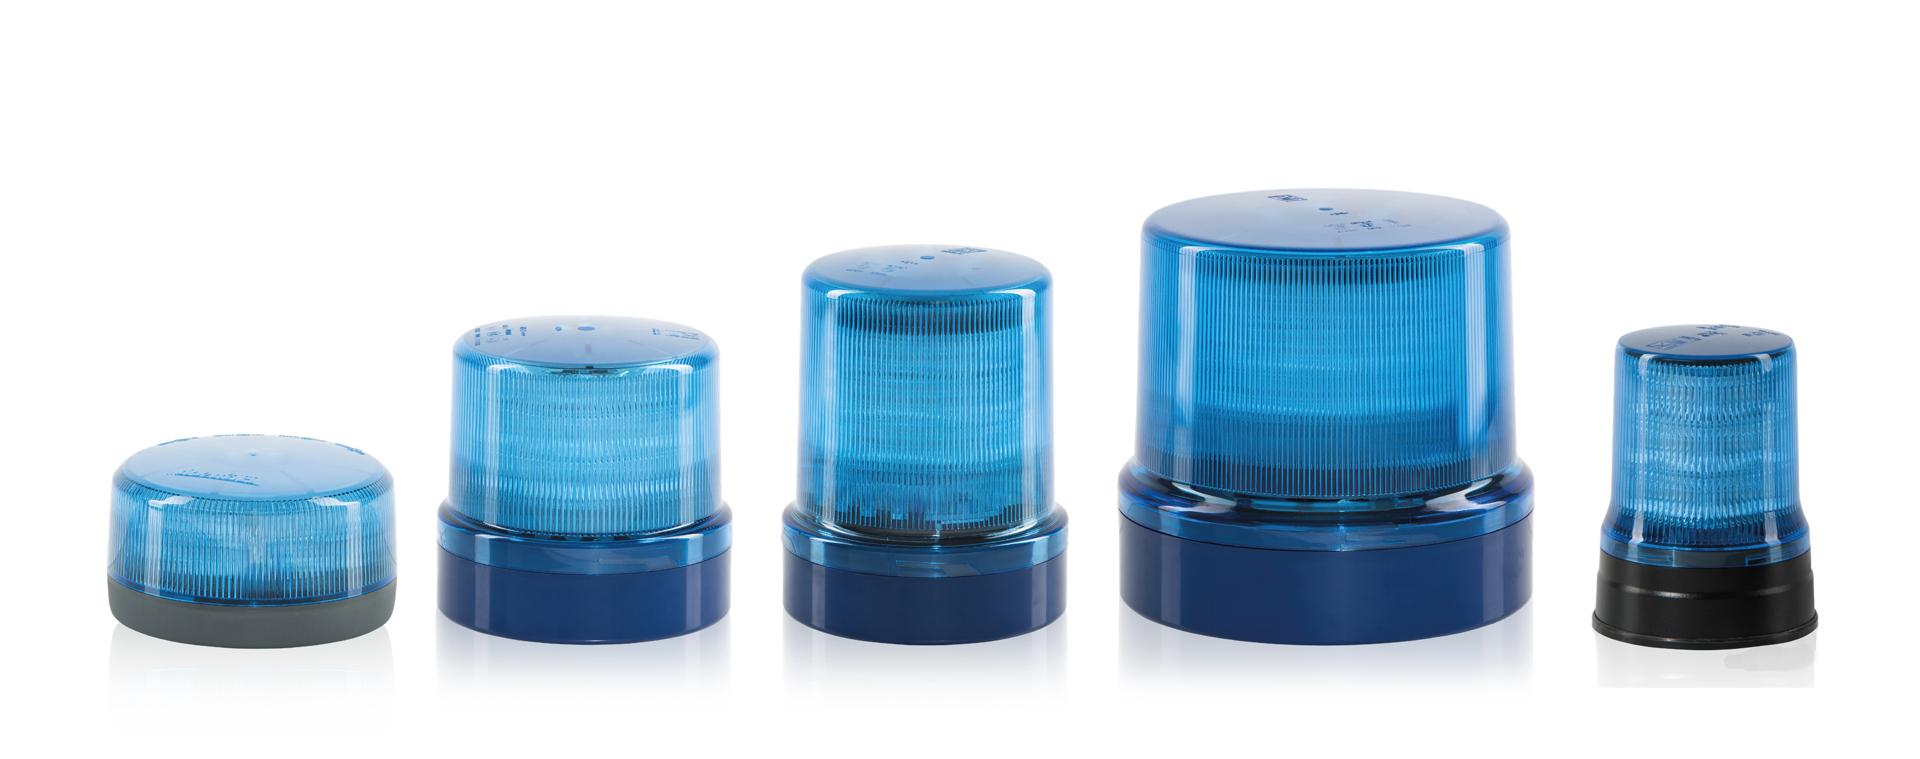 h nsch holding gmbh kennleuchten led technik einsatzgebiet blau produkte. Black Bedroom Furniture Sets. Home Design Ideas